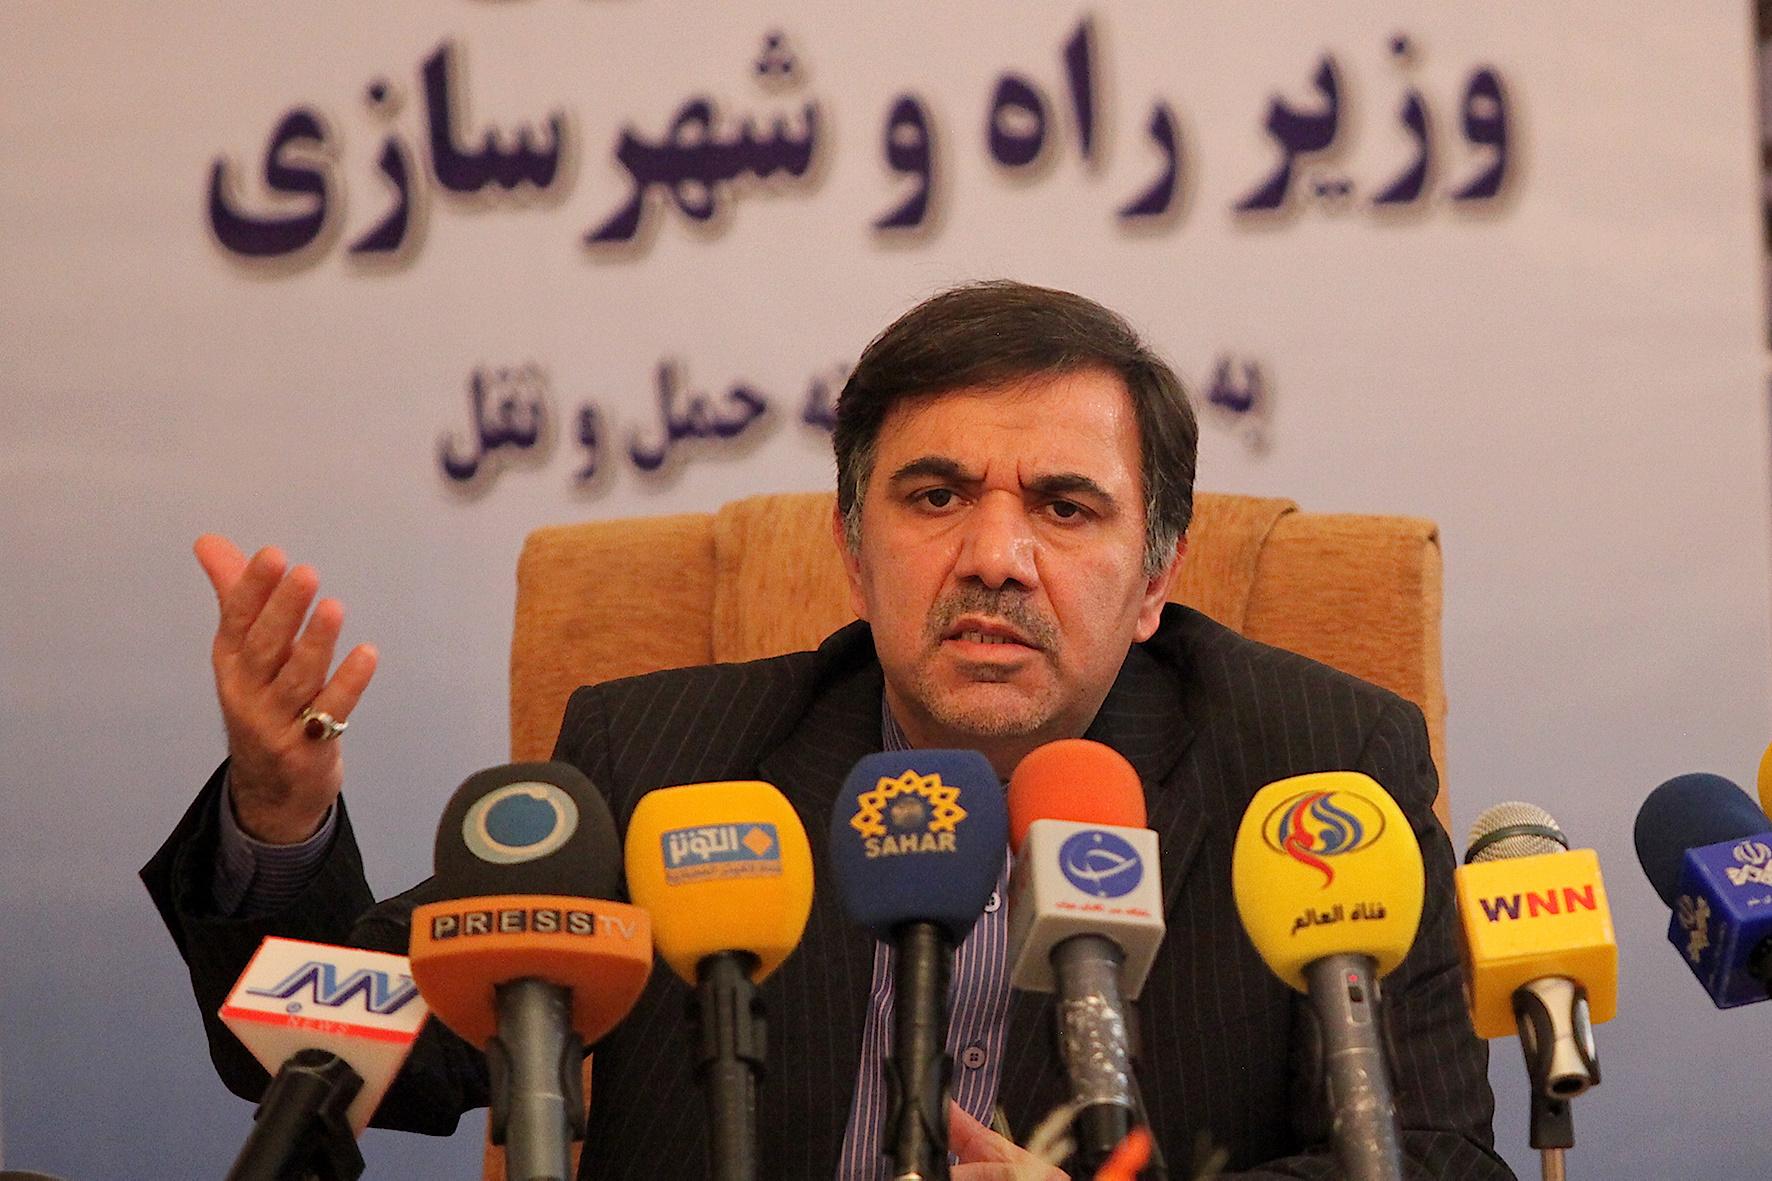 باشگاه خبرنگاران -۲۰۰ فروند هواپیمای کشوری فرسوده است/ نظام حمل ونقل، مشکل اصلی سکونت در ایران